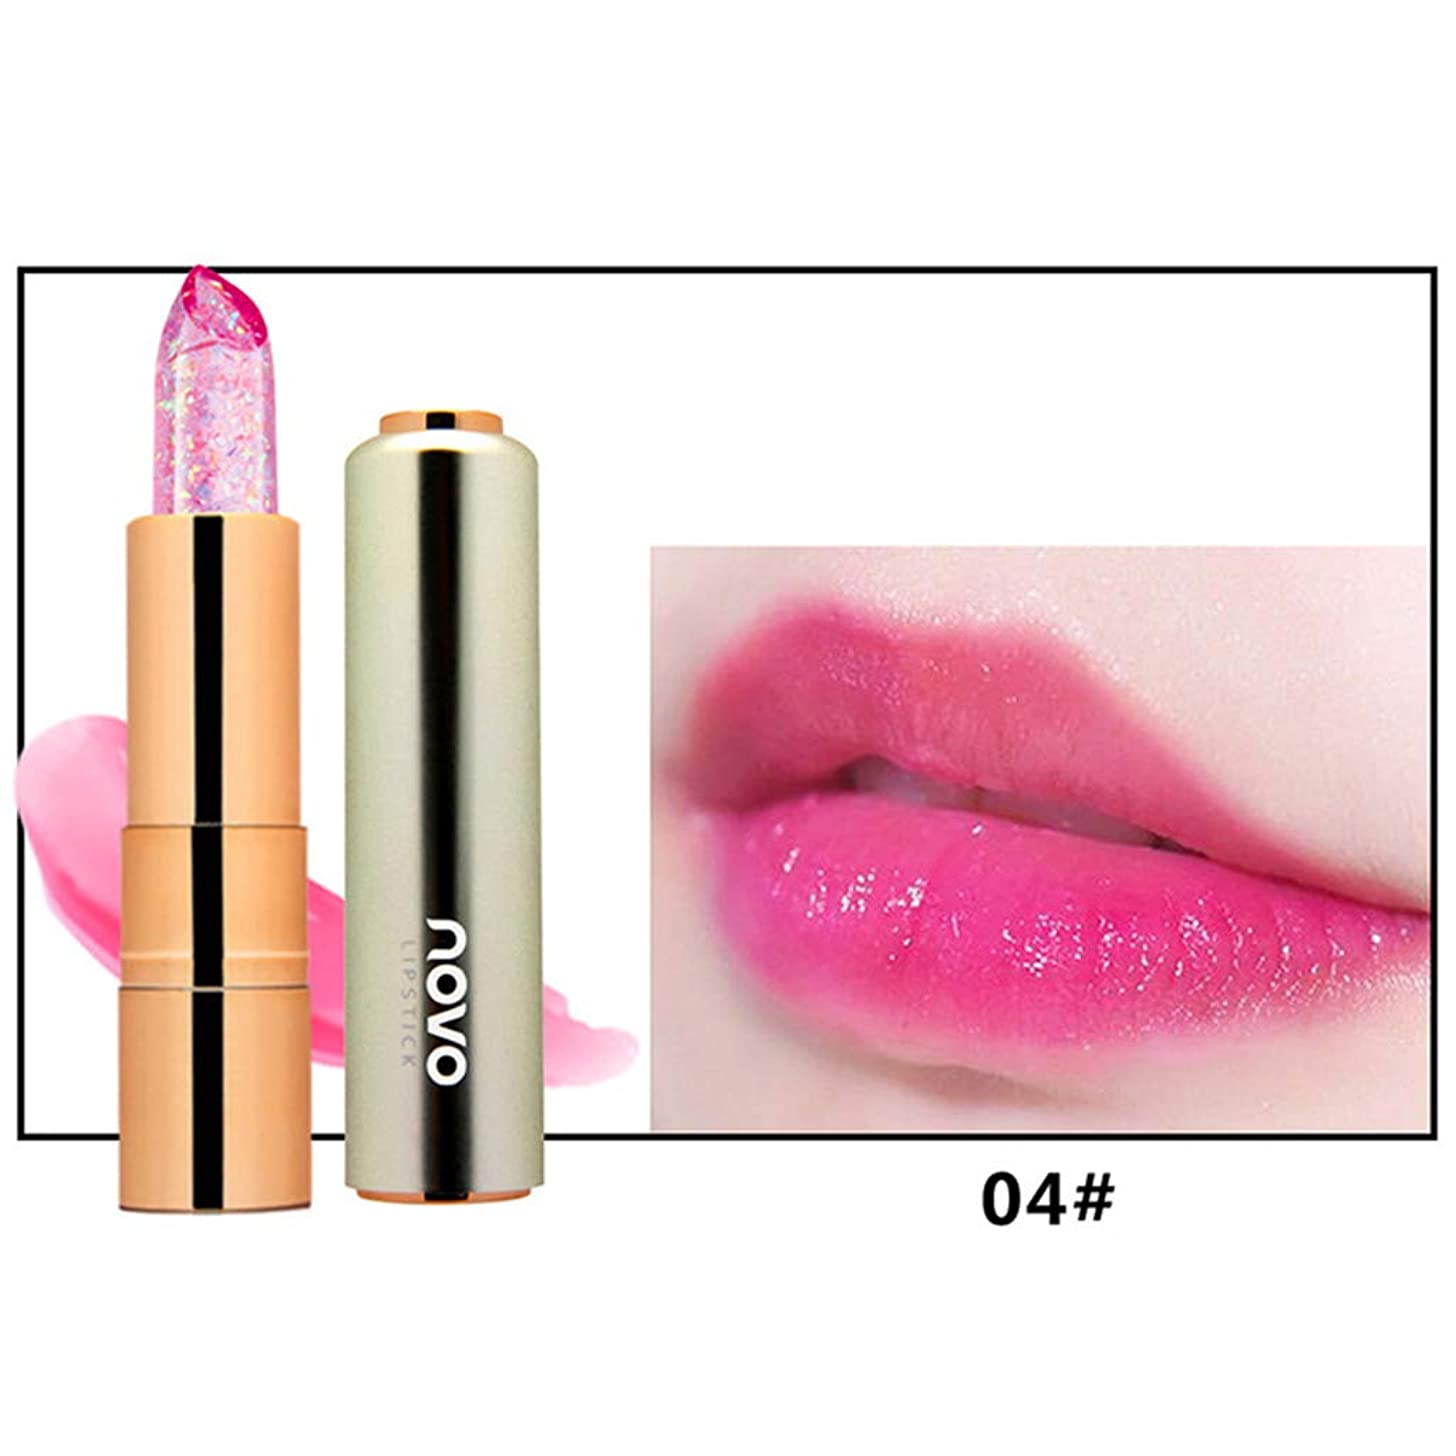 均等にコンデンサースキルKimyuo 新しい到着化粧口紅保湿剤透明マジック温度花の色長持ちリップスティックリップ